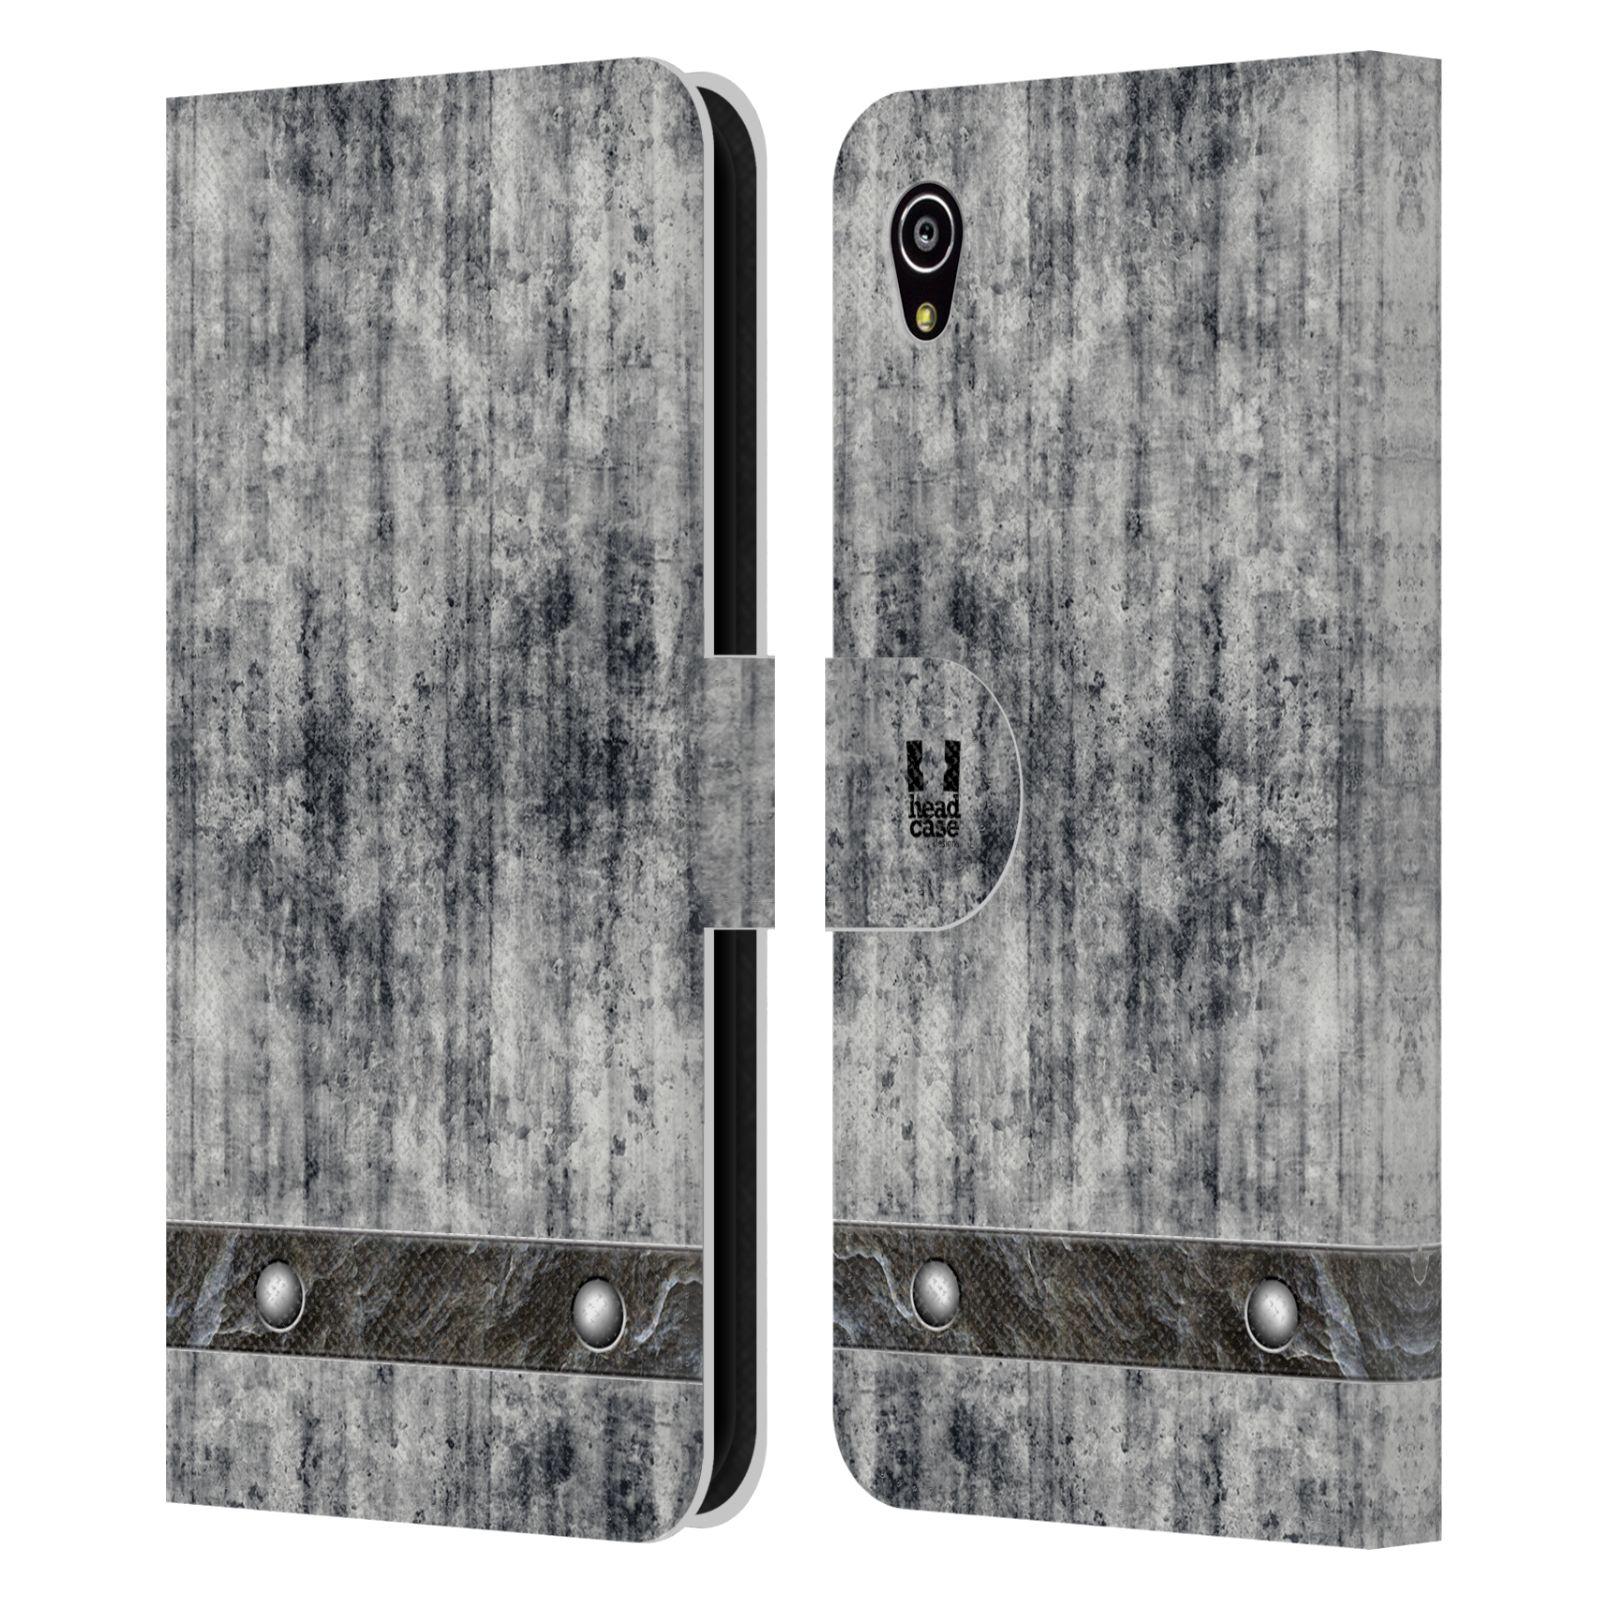 HEAD CASE Flipové pouzdro pro mobil SONY XPERIA M4 AQUA stavební textury beton šedá